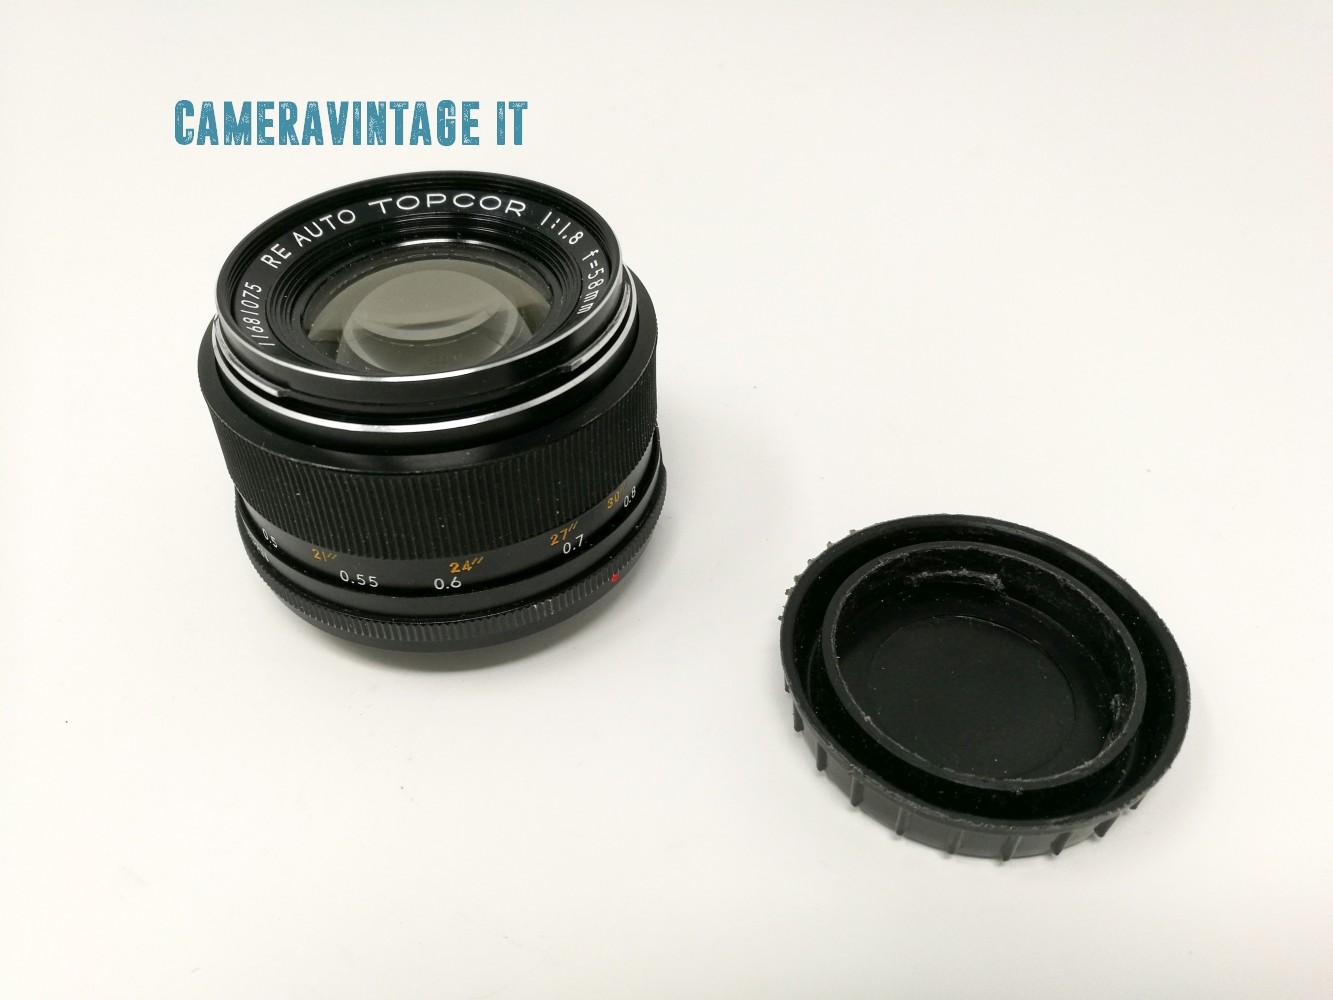 TOPCORTOKYO KOGAKU RE AUTO TOPCOR f/1,8 58mm